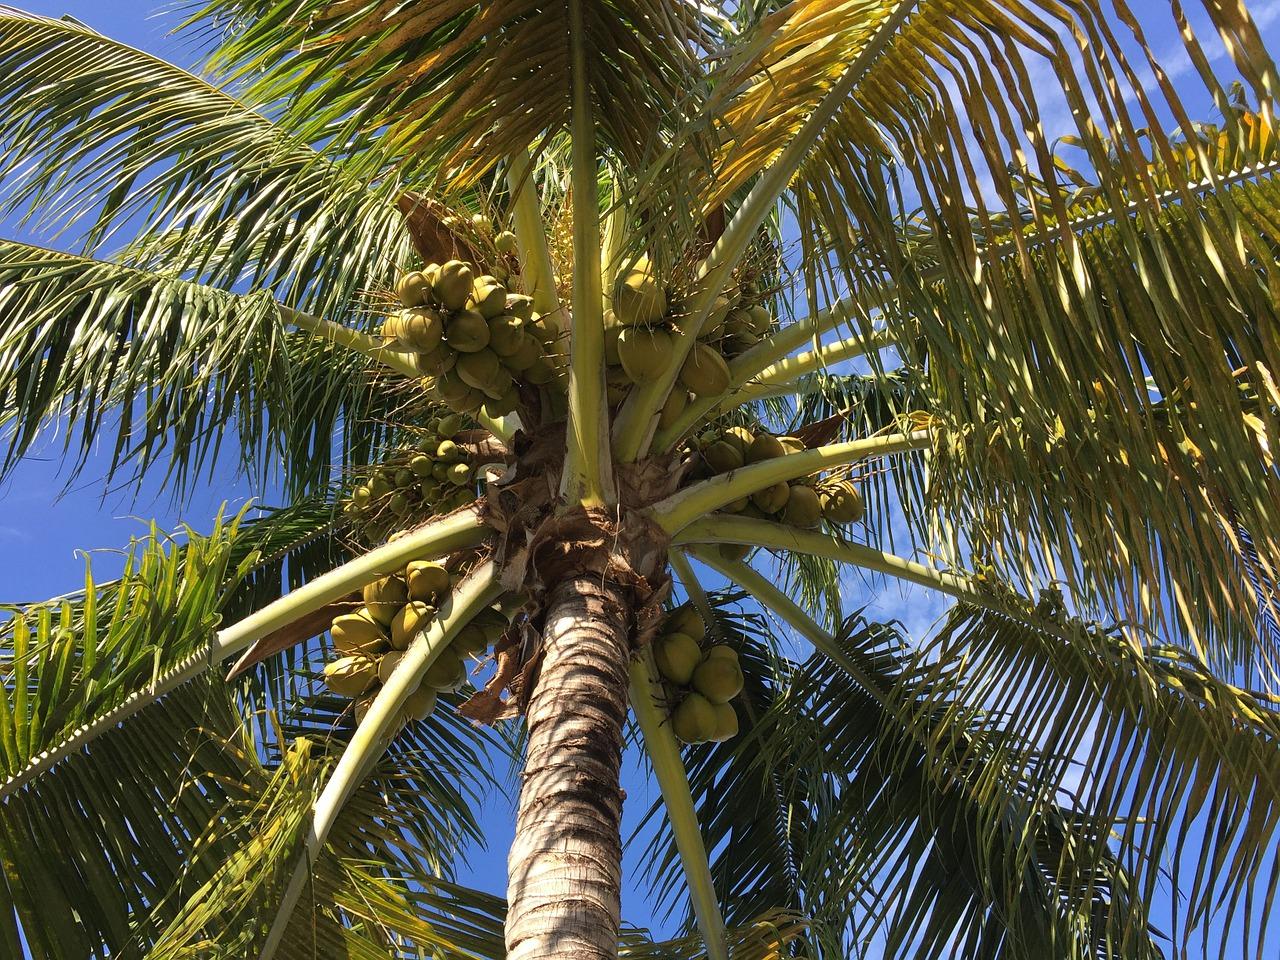 51 geniale Verwendungszwecke für Kokosnussöl